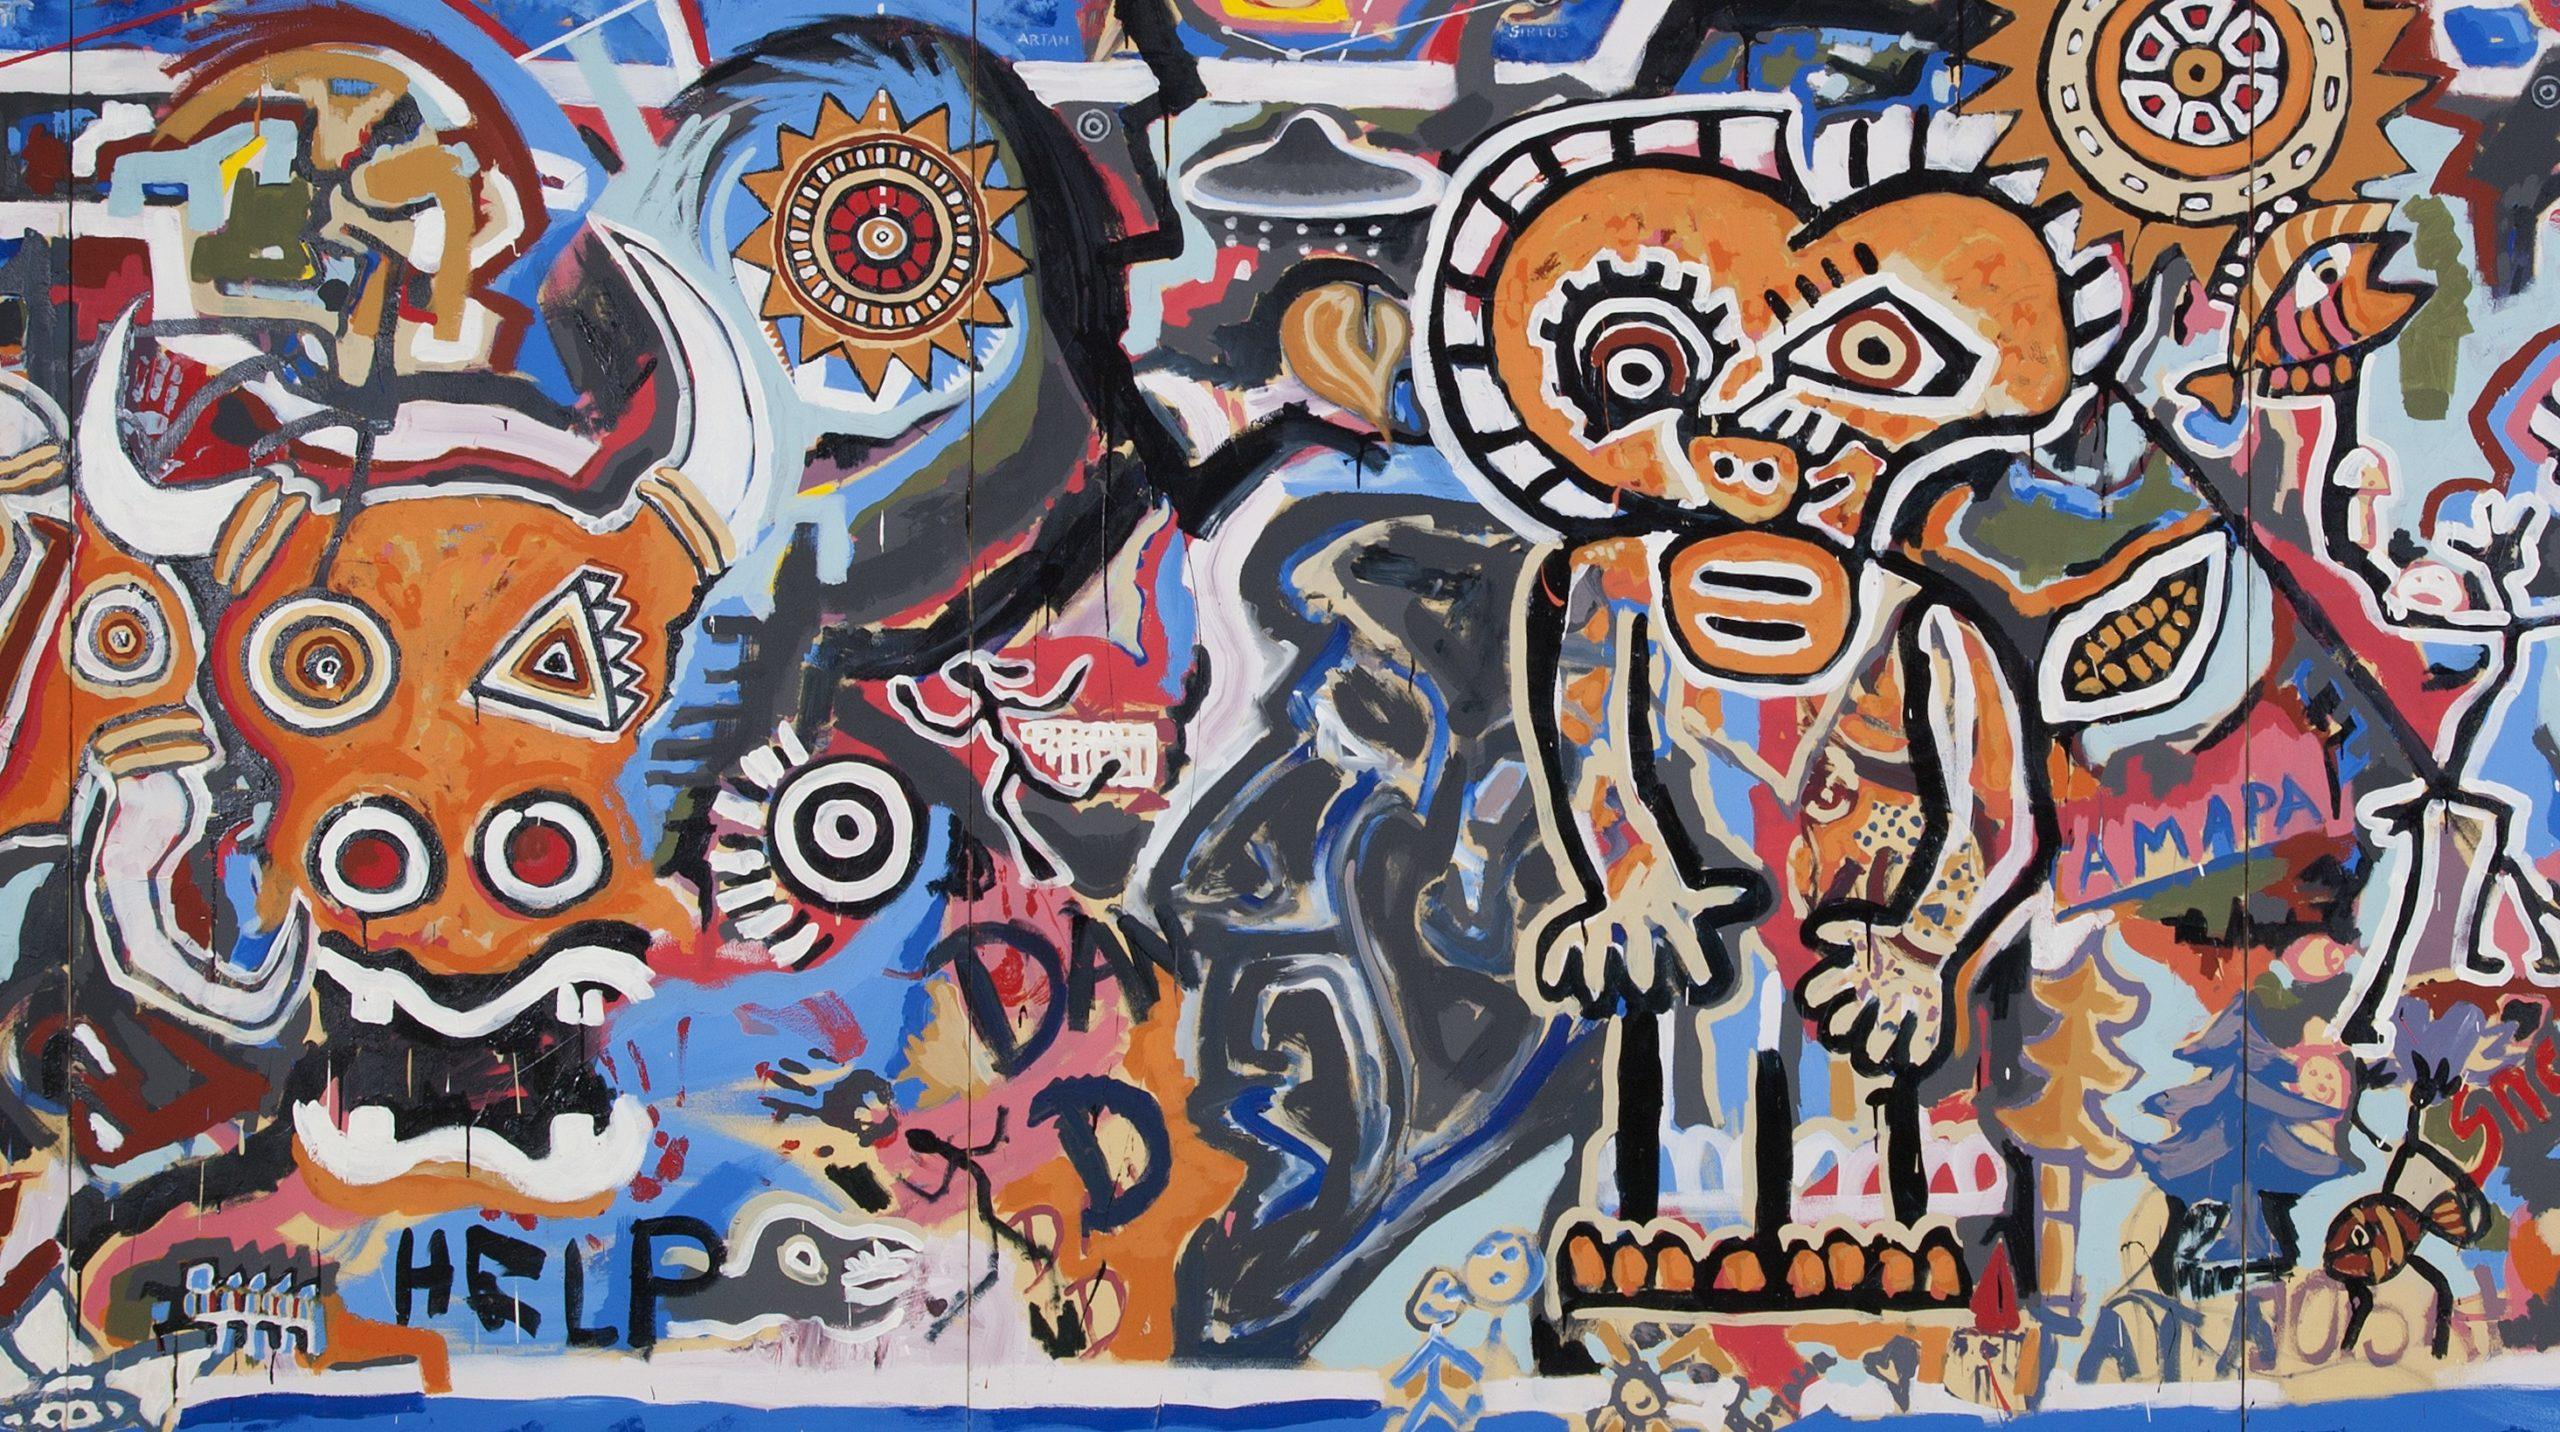 REPORTÉ - HDA : Un art « brut ». De l'art des fous à Artaud et Dubuffet @ Médiathèque Colette